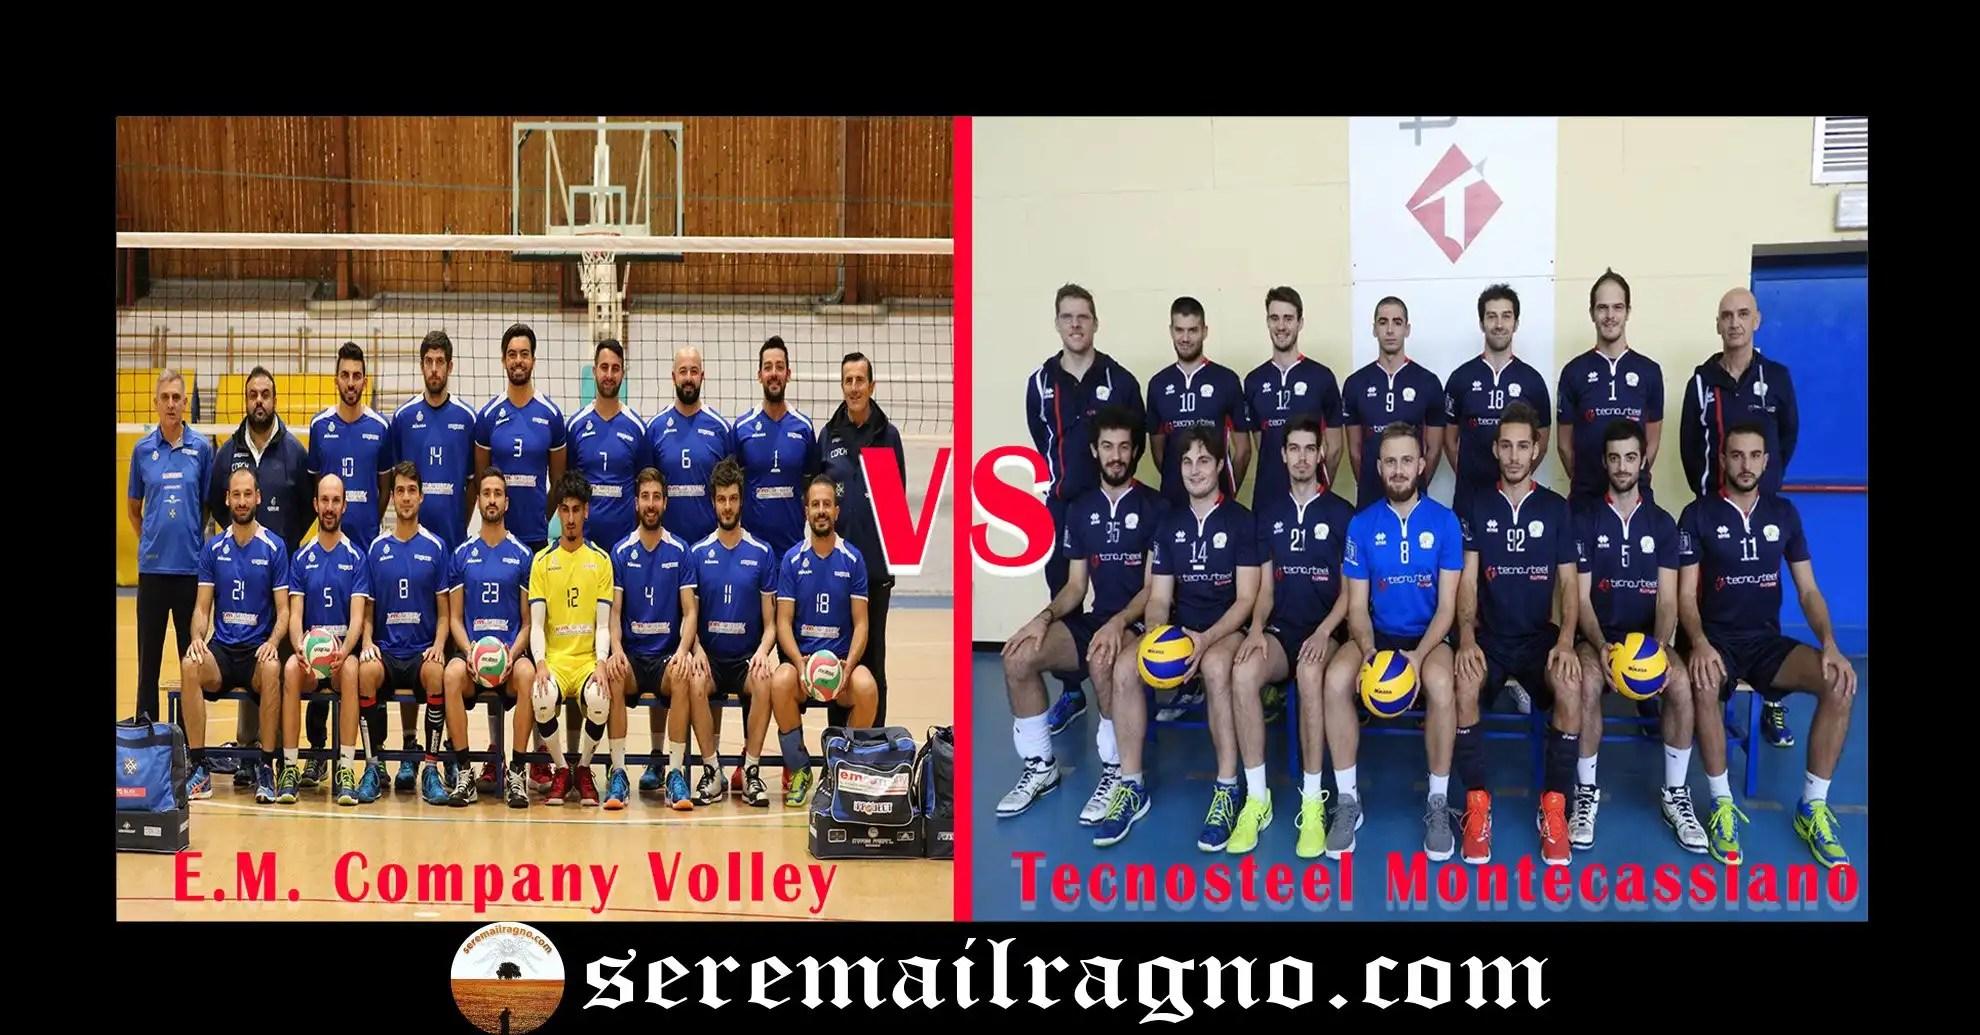 Serie C Volley maschile: E.M. Company Volley vs Tecnosteel Montecassiano